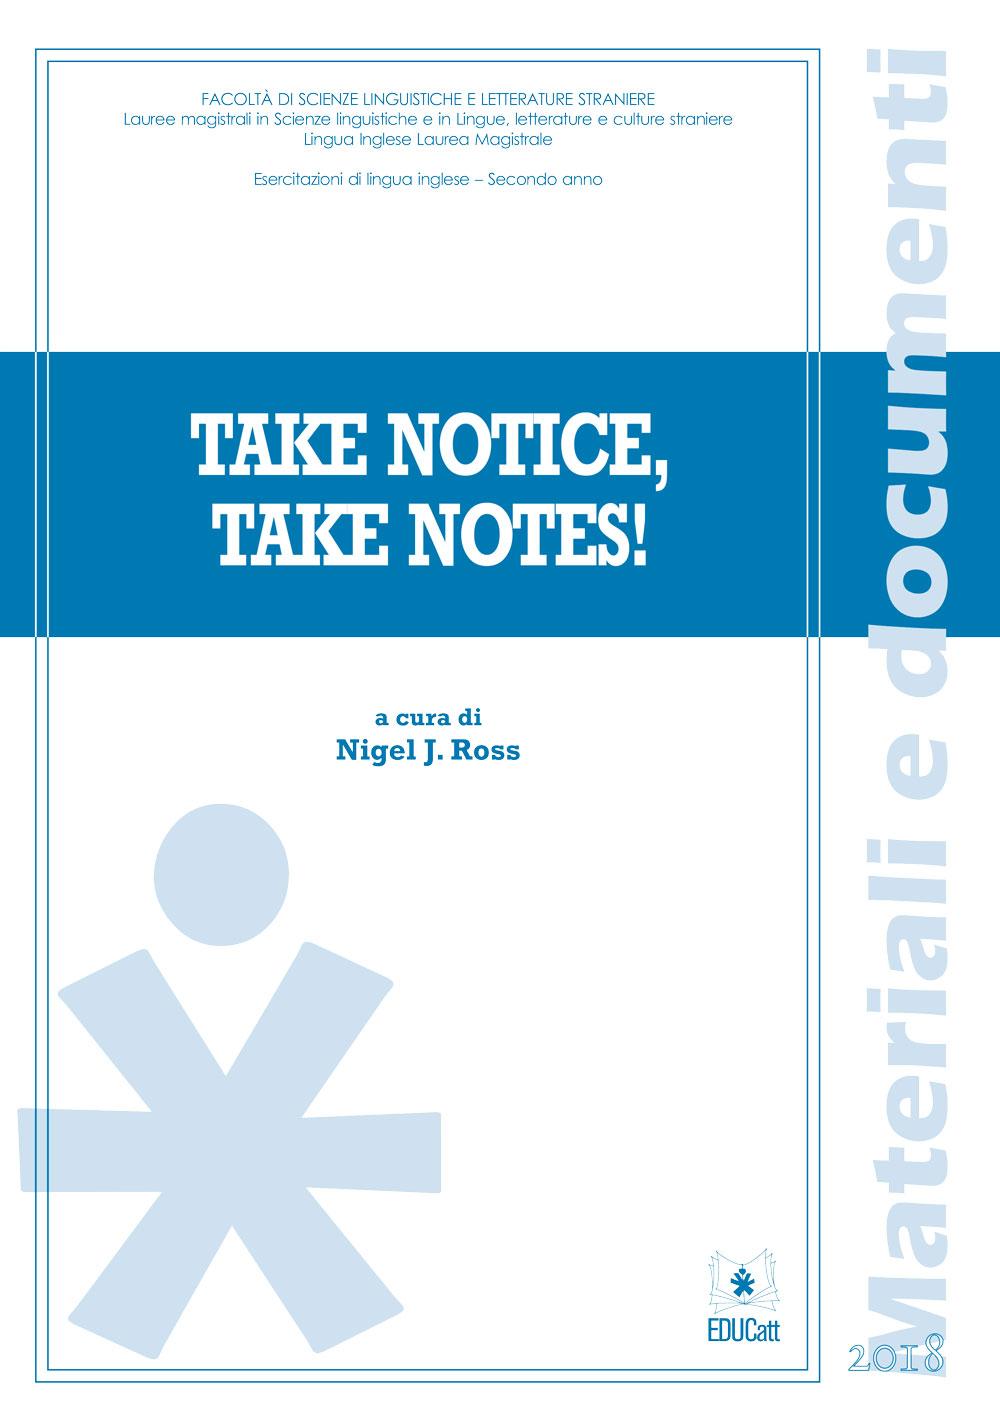 TAKE NOTICE, TAKE NOTES!